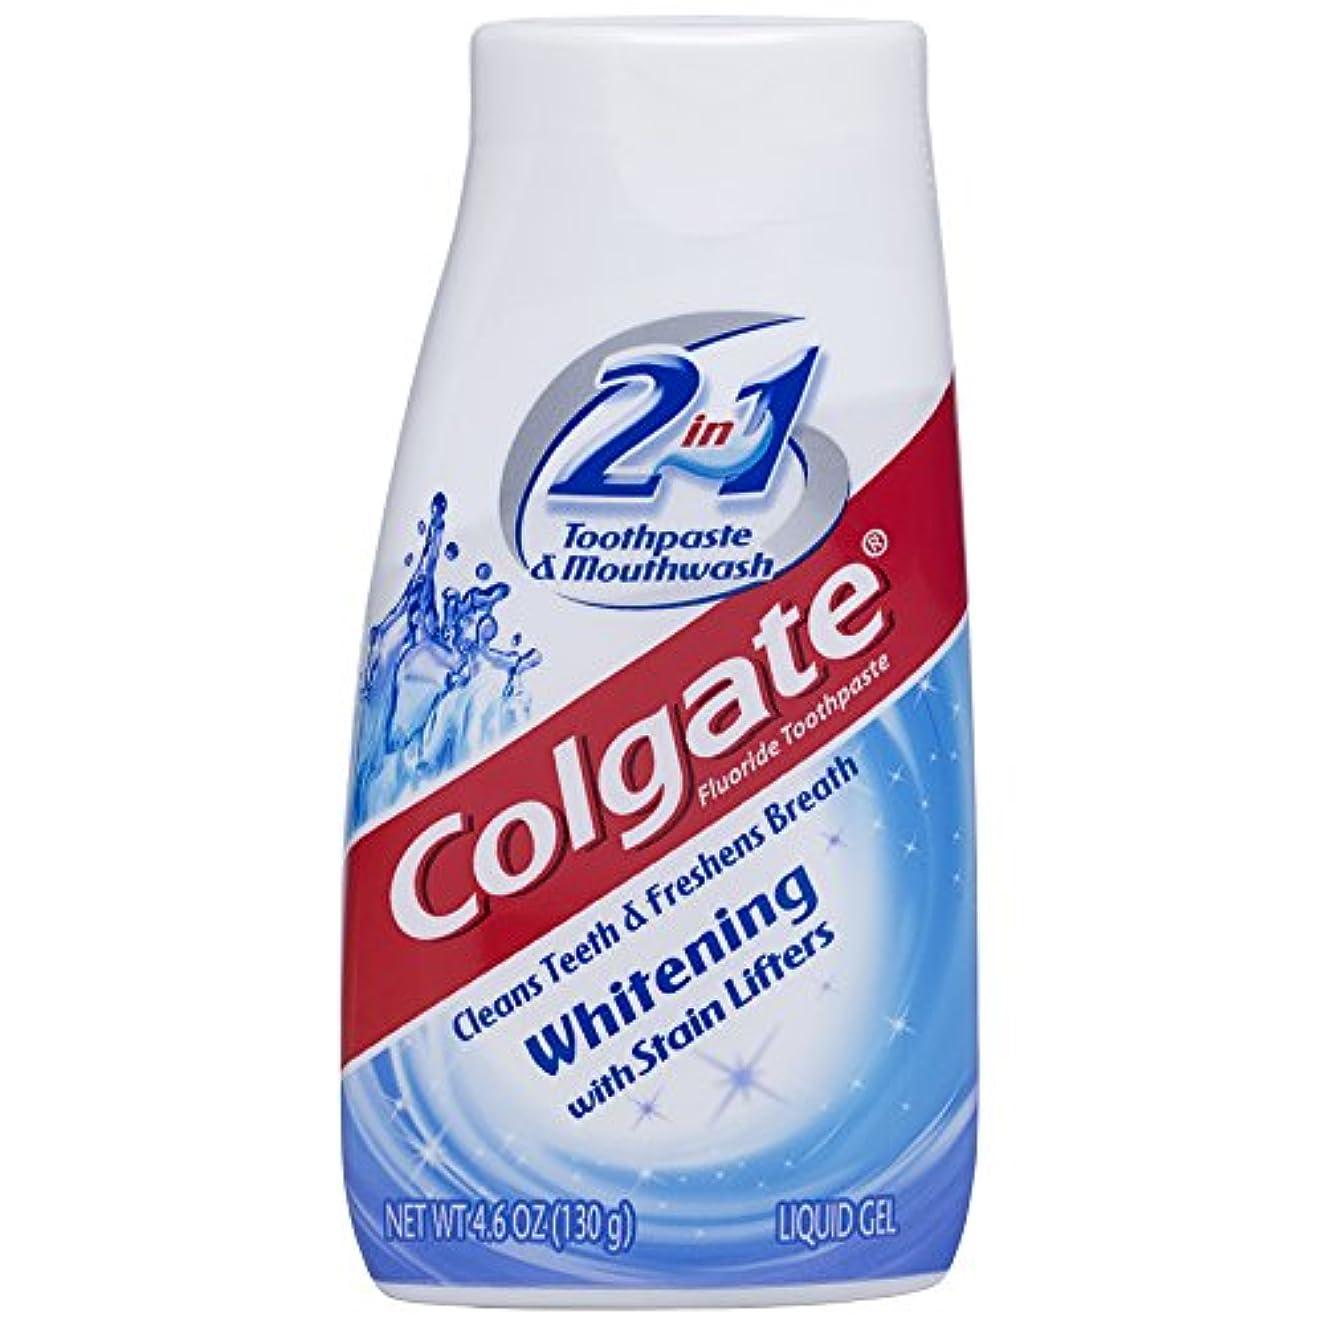 主張フェミニン美容師海外直送品Colgate 2 In 1 Toothpaste & Mouthwash Whitening, 4.6 oz by Colgate